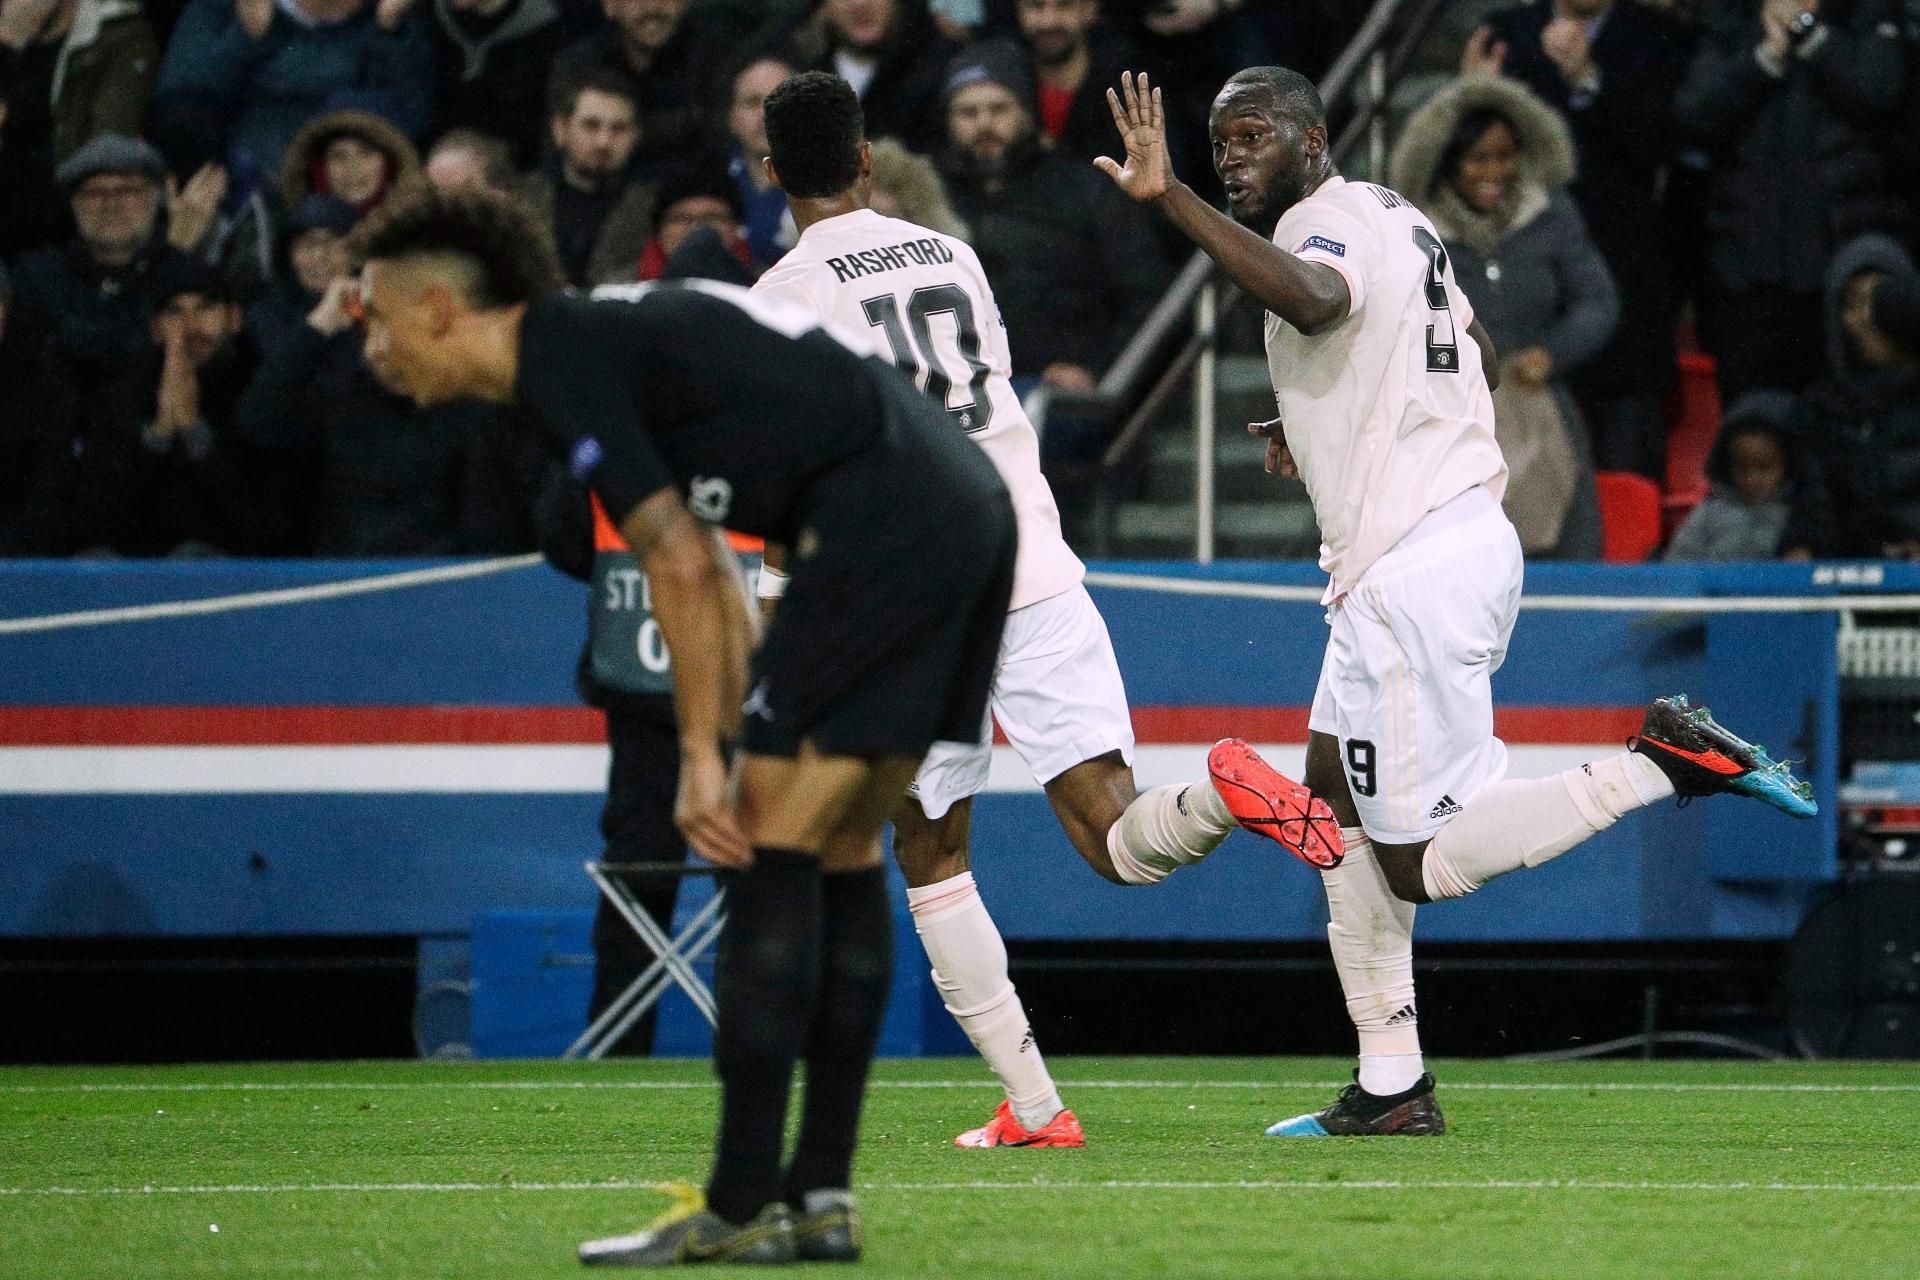 De novo sem Neymar, clube francês cai na Champions e de forma vexatória para o Manchester United